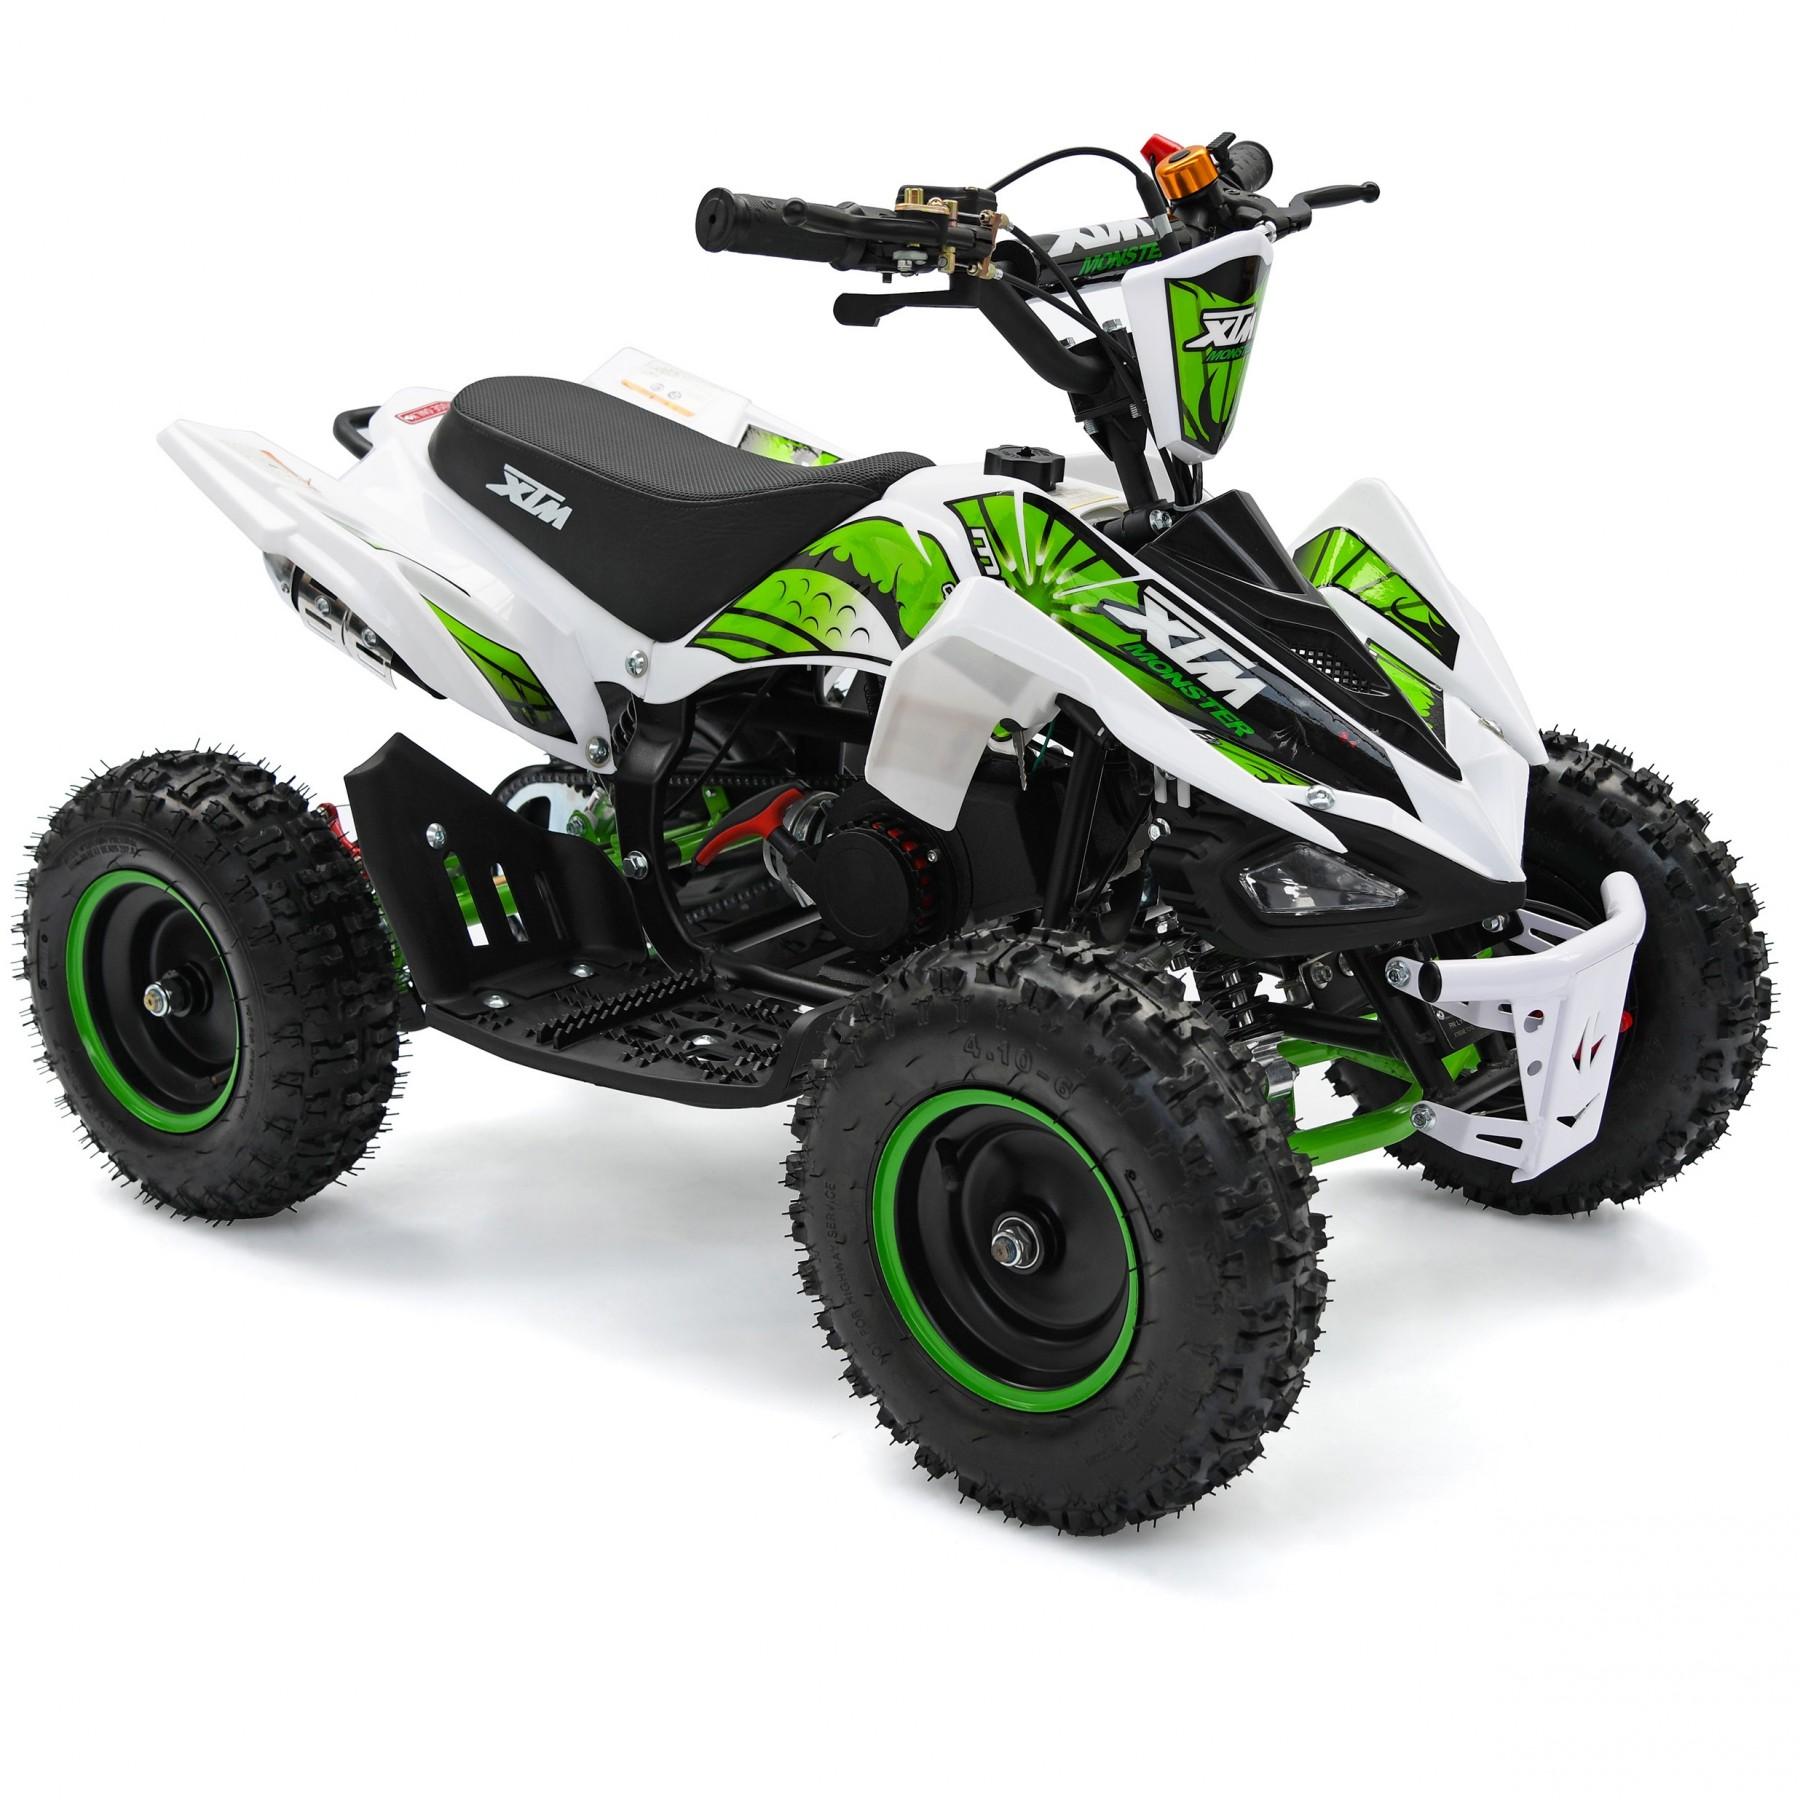 XTM MONSTER 50cc QUAD BIKE WHITE GREEN